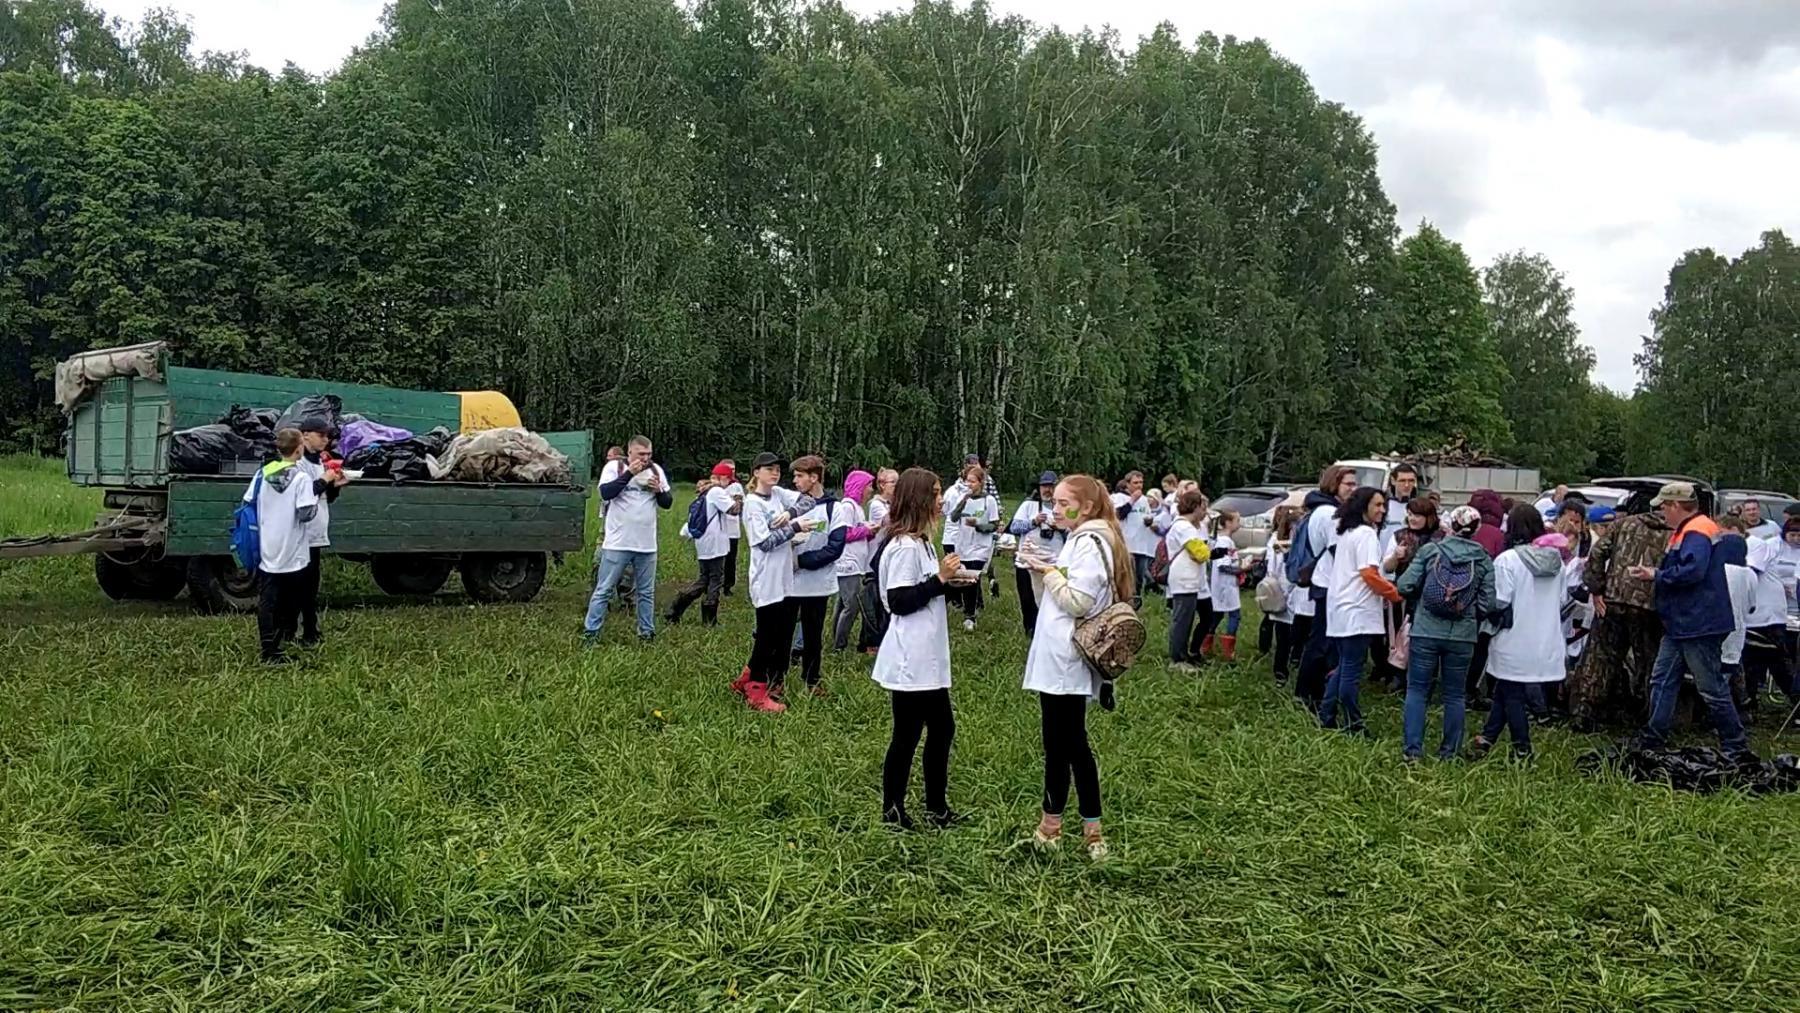 фото Жители Новосибирска отстояли уникальный парк Синягина в суде 2